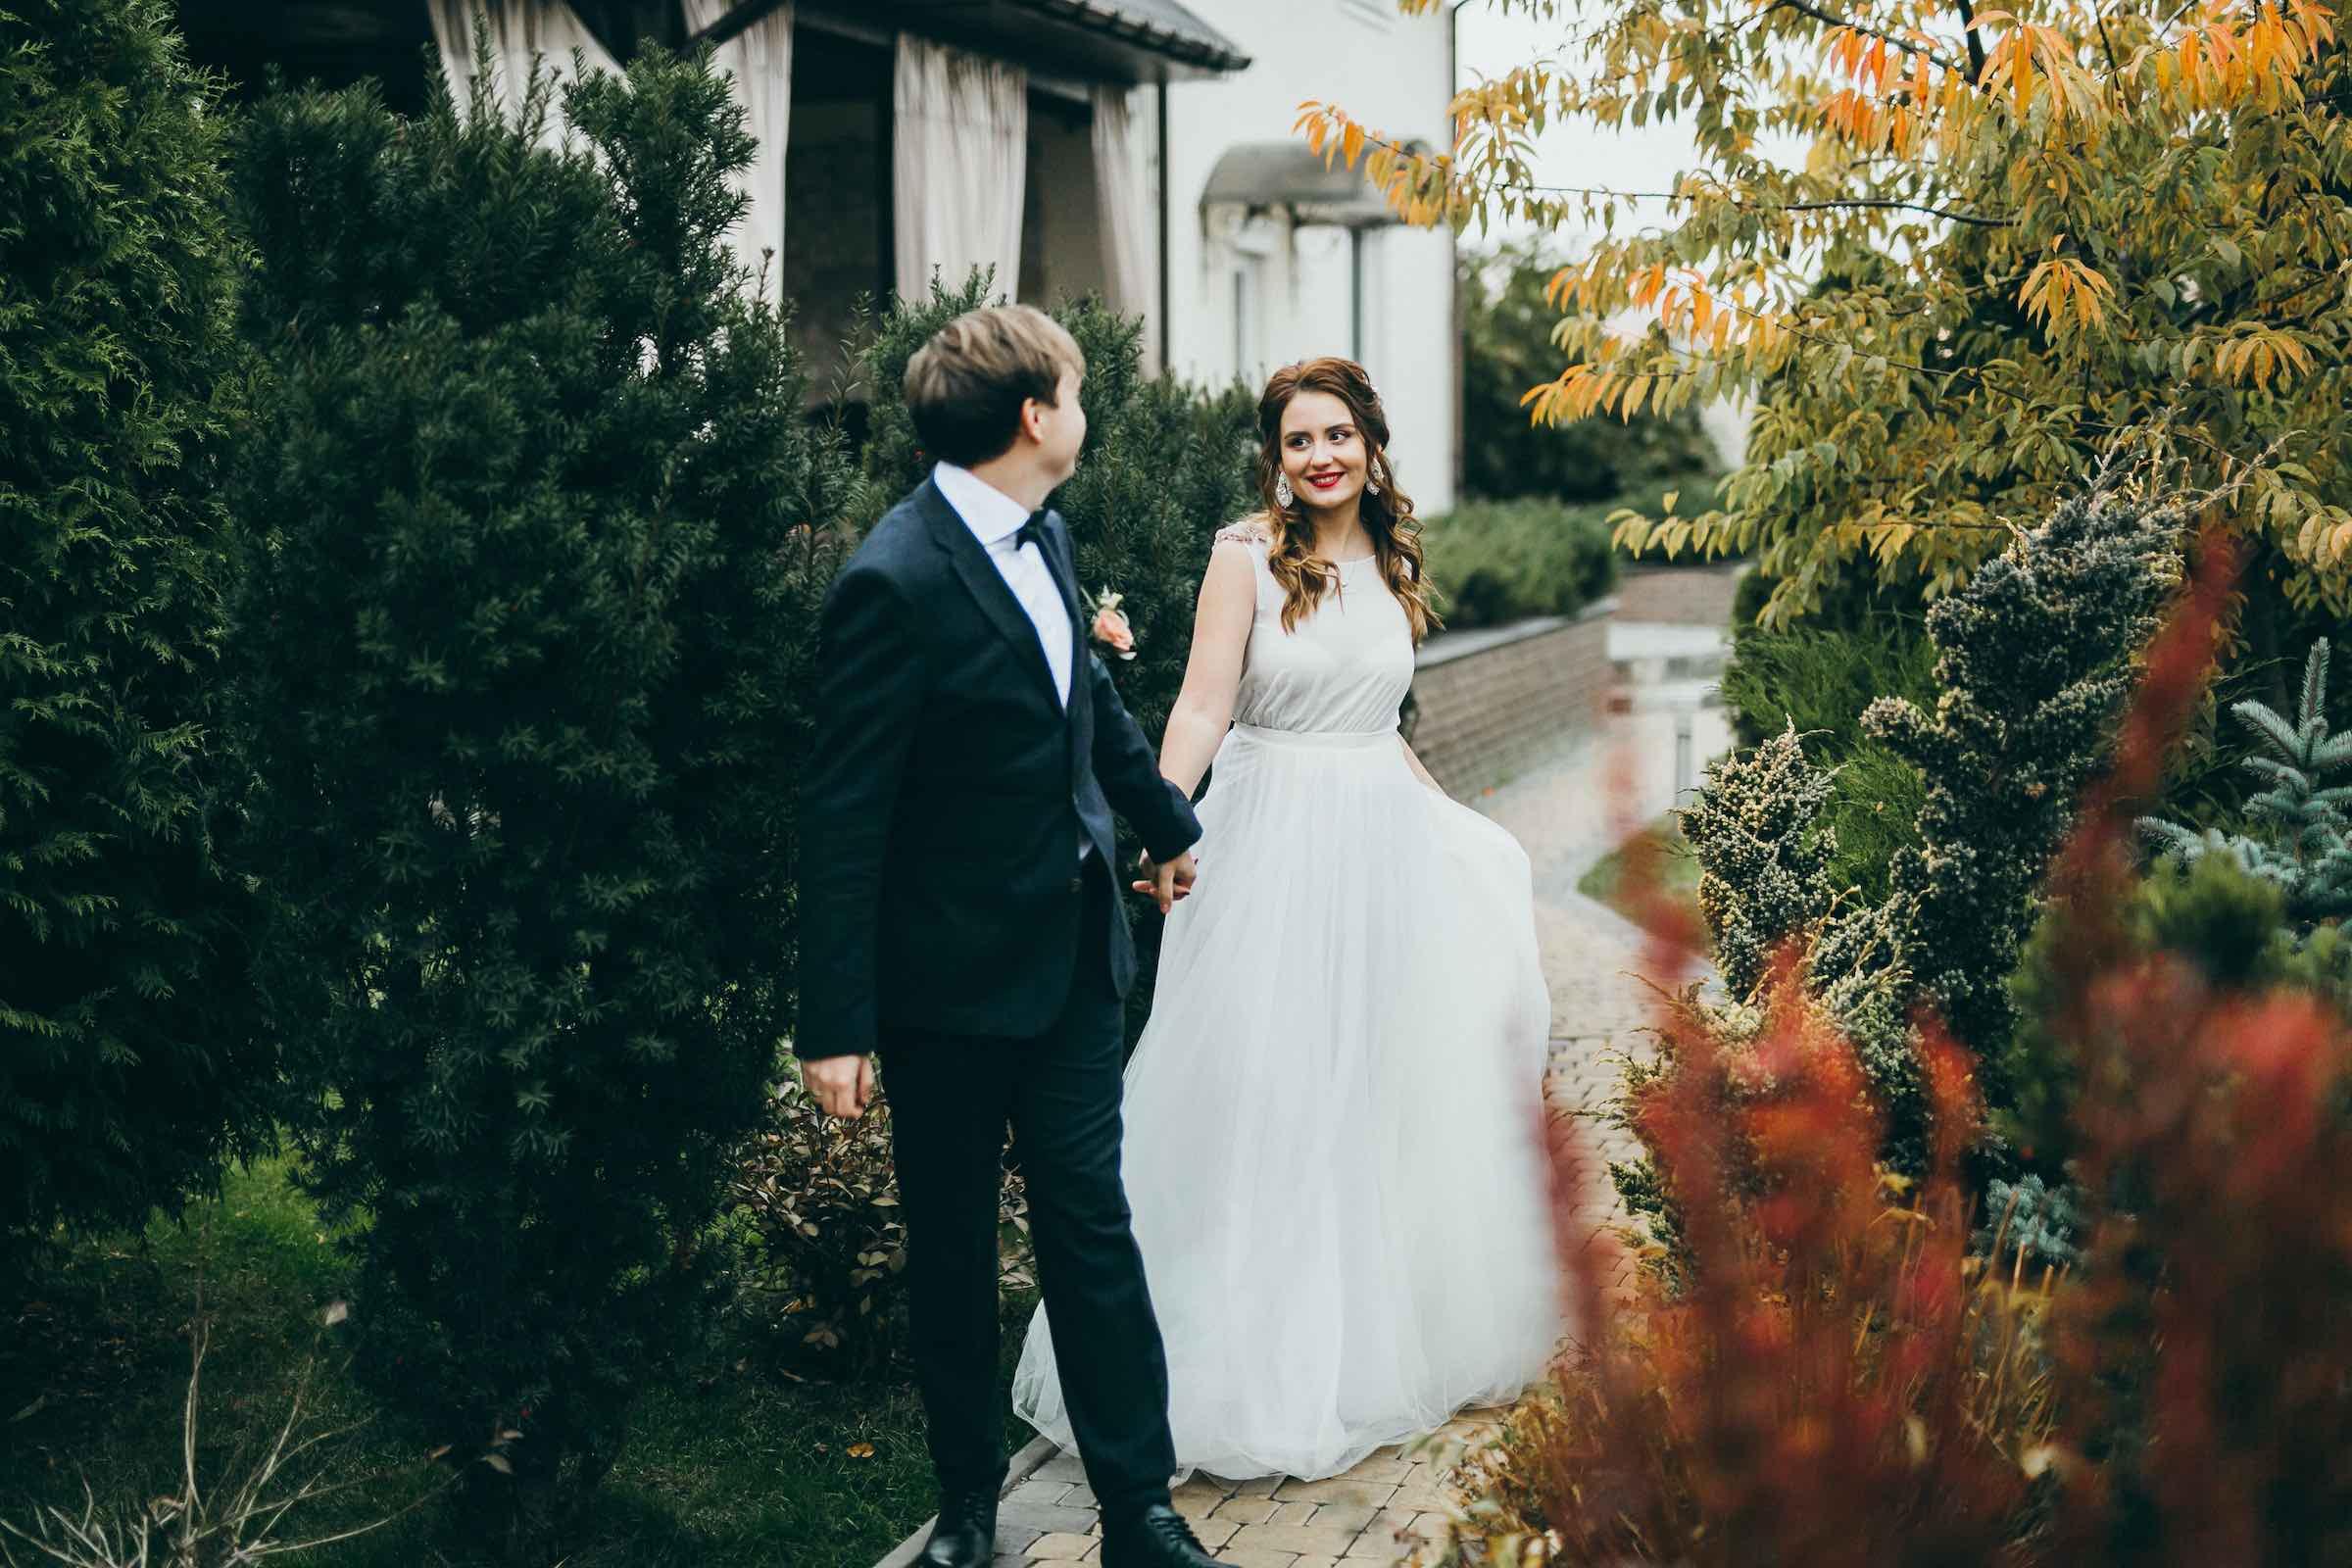 Fotograf |Hochzeit |Hochzeitsreportage |Hameln |Hildesheim |Peine |Fotograf |Braunschweig |Celle |Hannover |Hochzeit |Hochzeitsfotografie |Fotografie |Mieten |Buchen |Lehmann |Eventservice